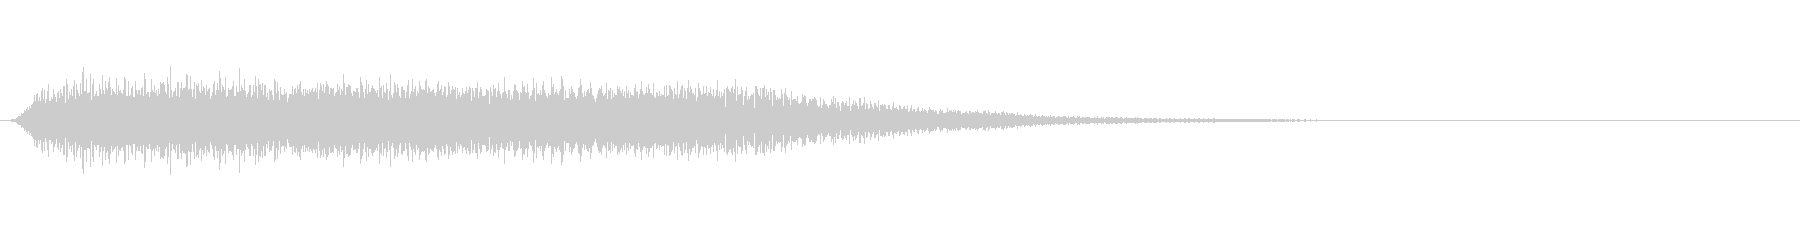 オルガンのゲームオーバー等のサウンドですの未再生の波形